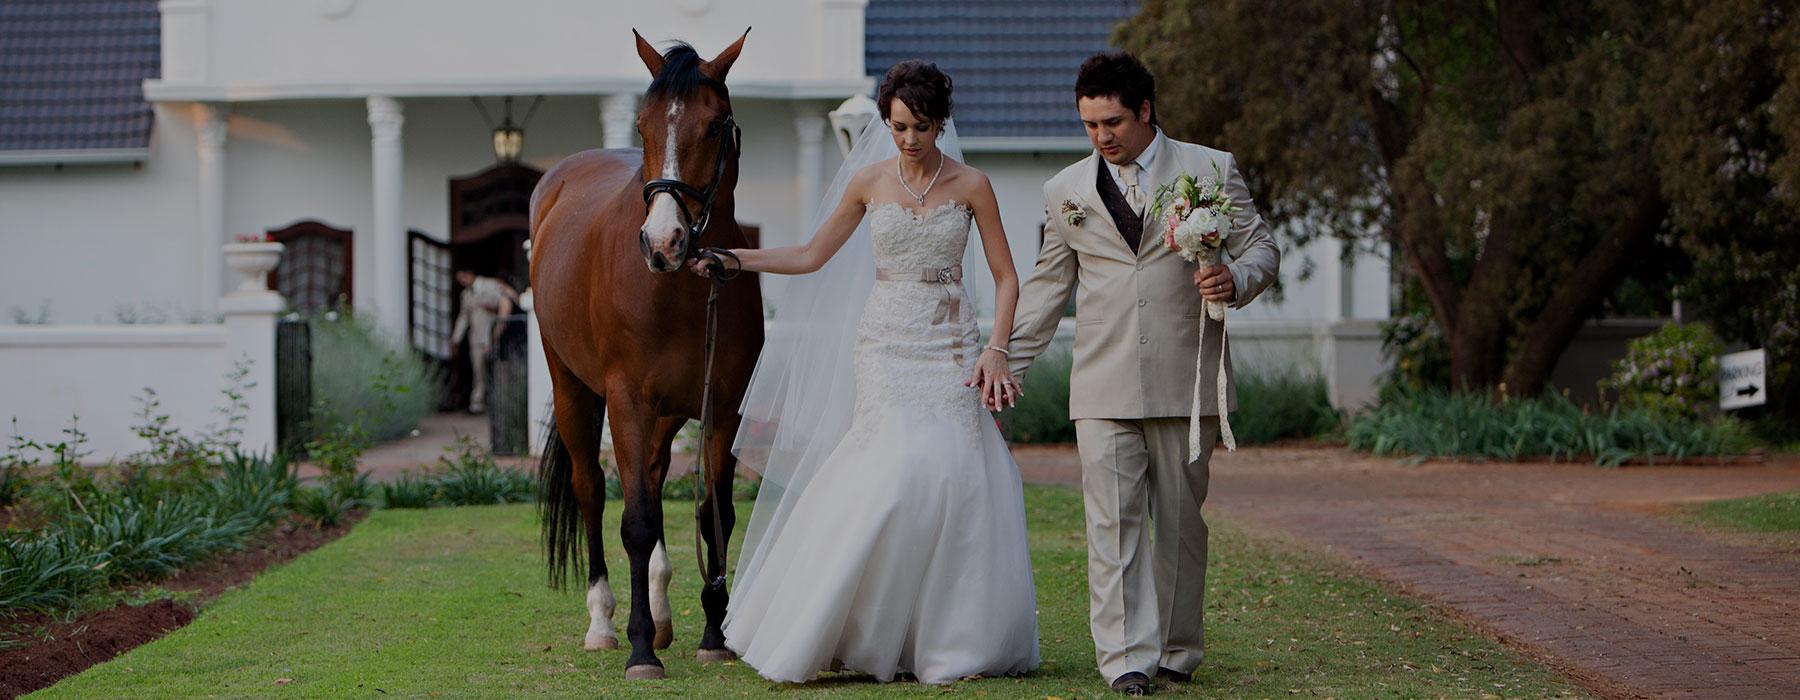 morgenzon-weddings